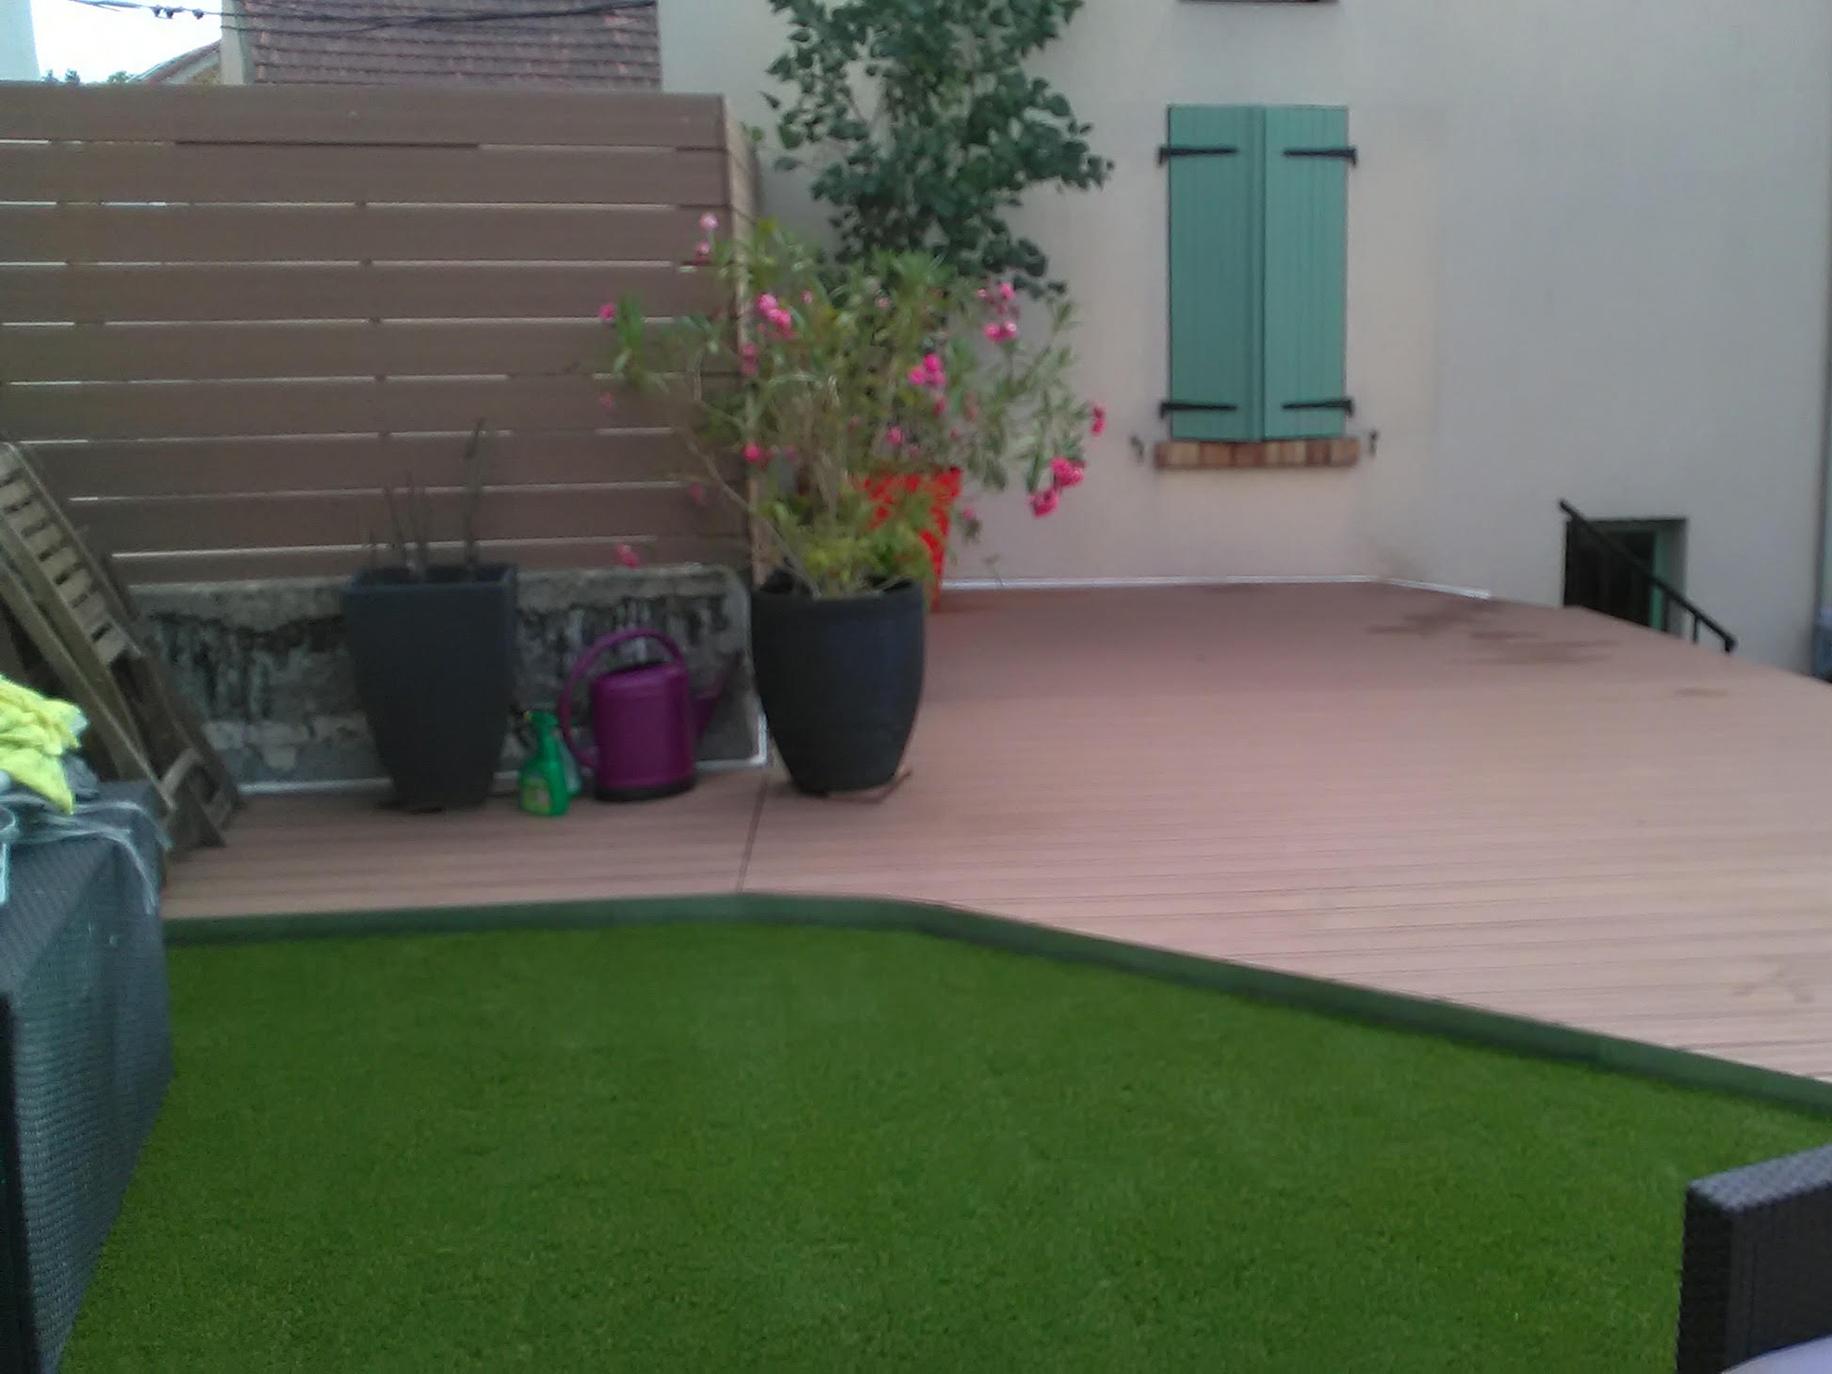 Entretien terrasse par un jardinier professionnel dans le Val d'Oise